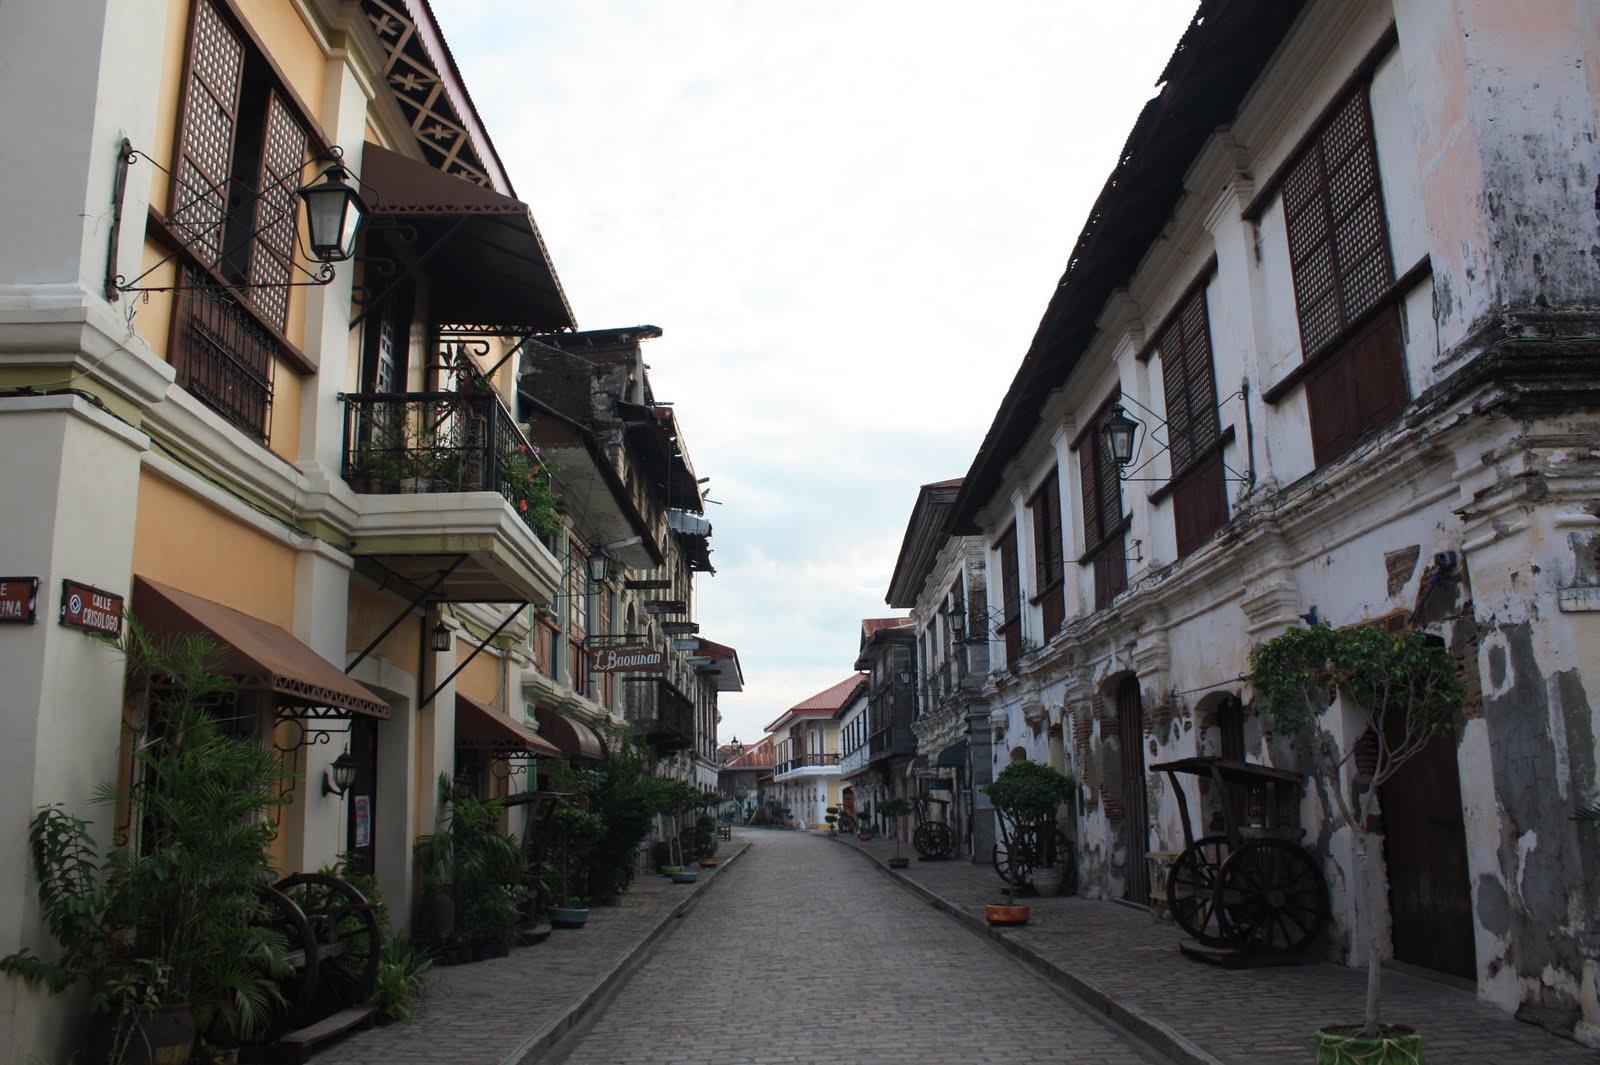 Wander around Calle Crisologo